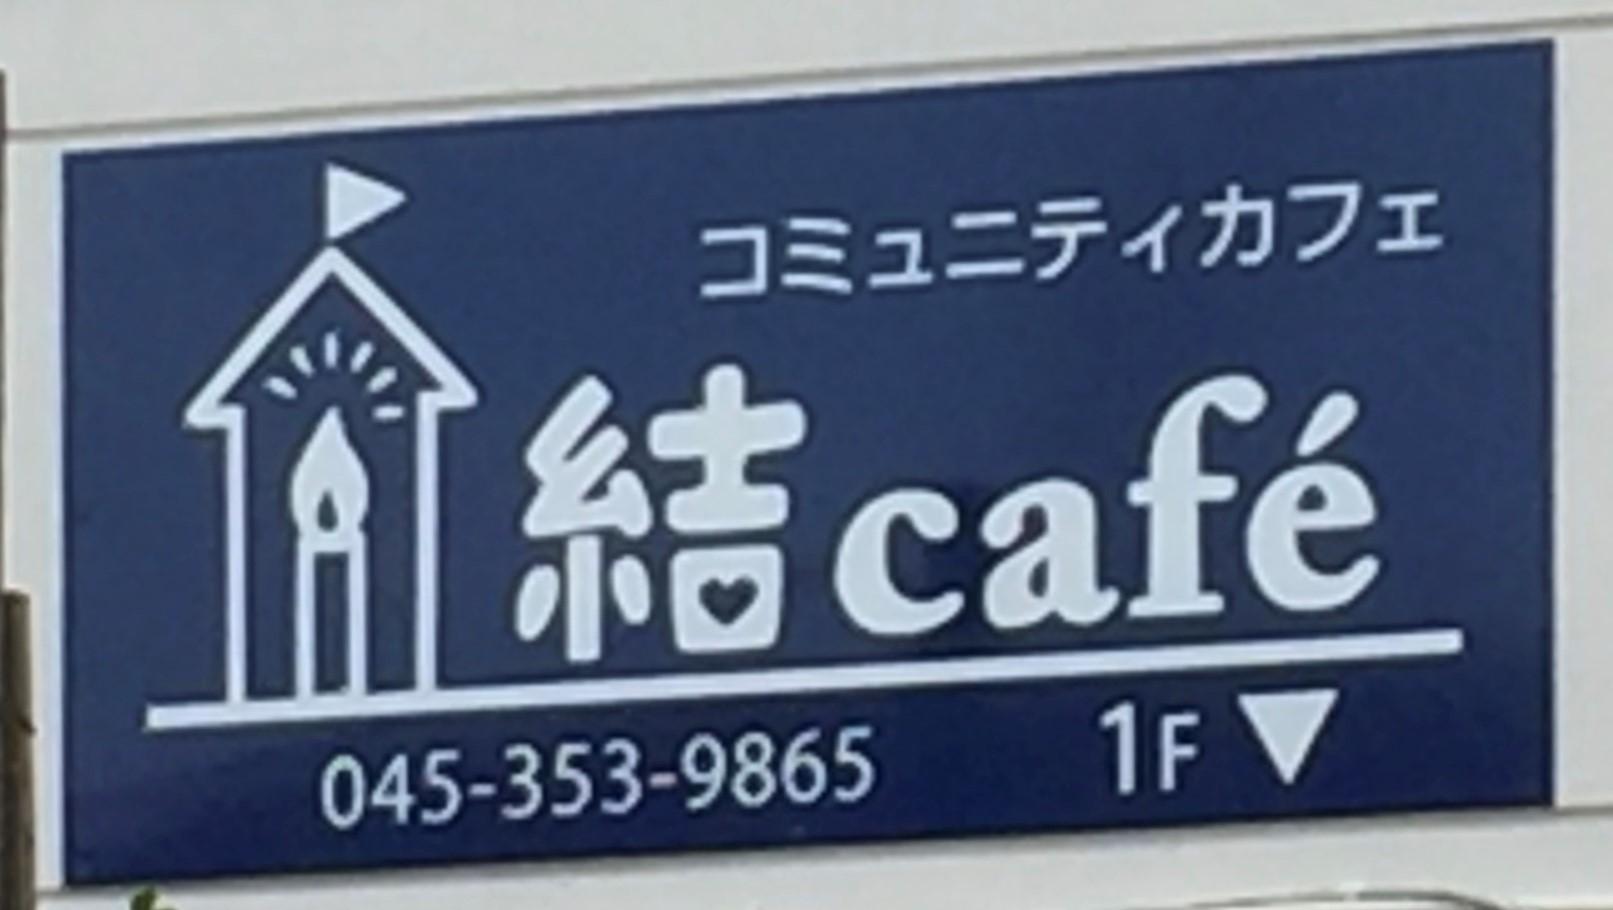 結caféでお待ちしています♪_c0367631_14065828.jpg